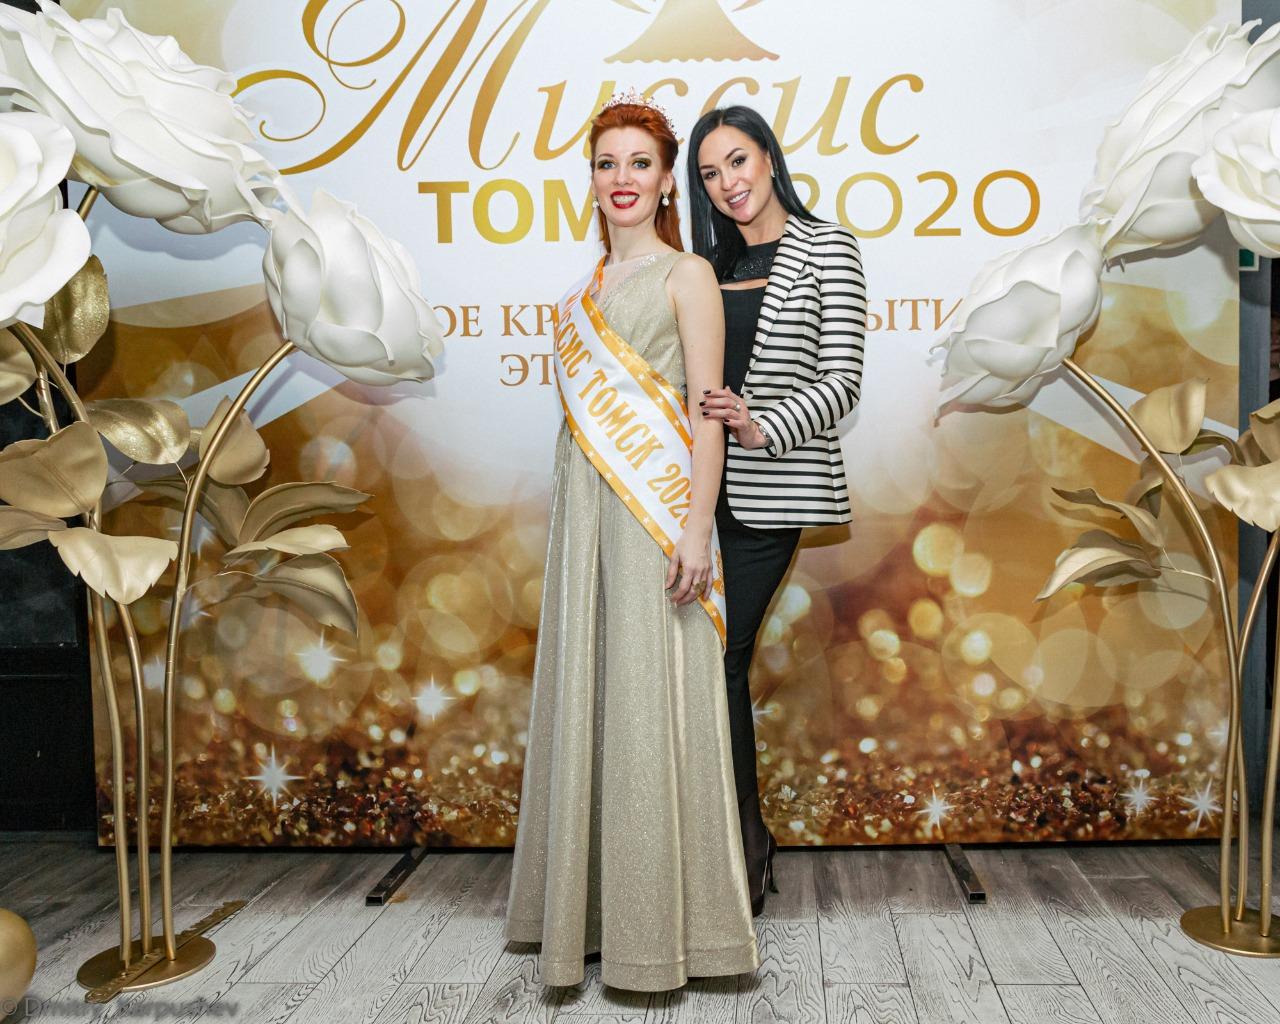 Миссис Томск 2020